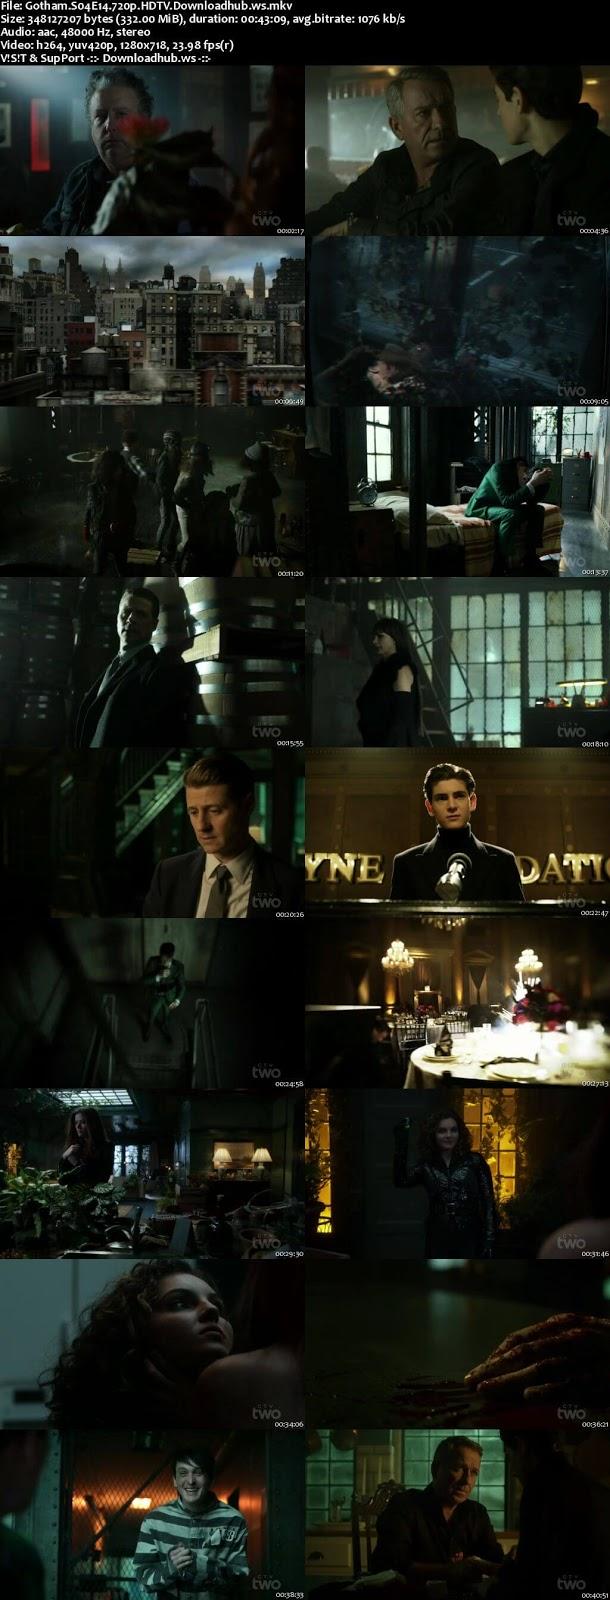 Gotham S04E14 330MB HDTV 720p x264